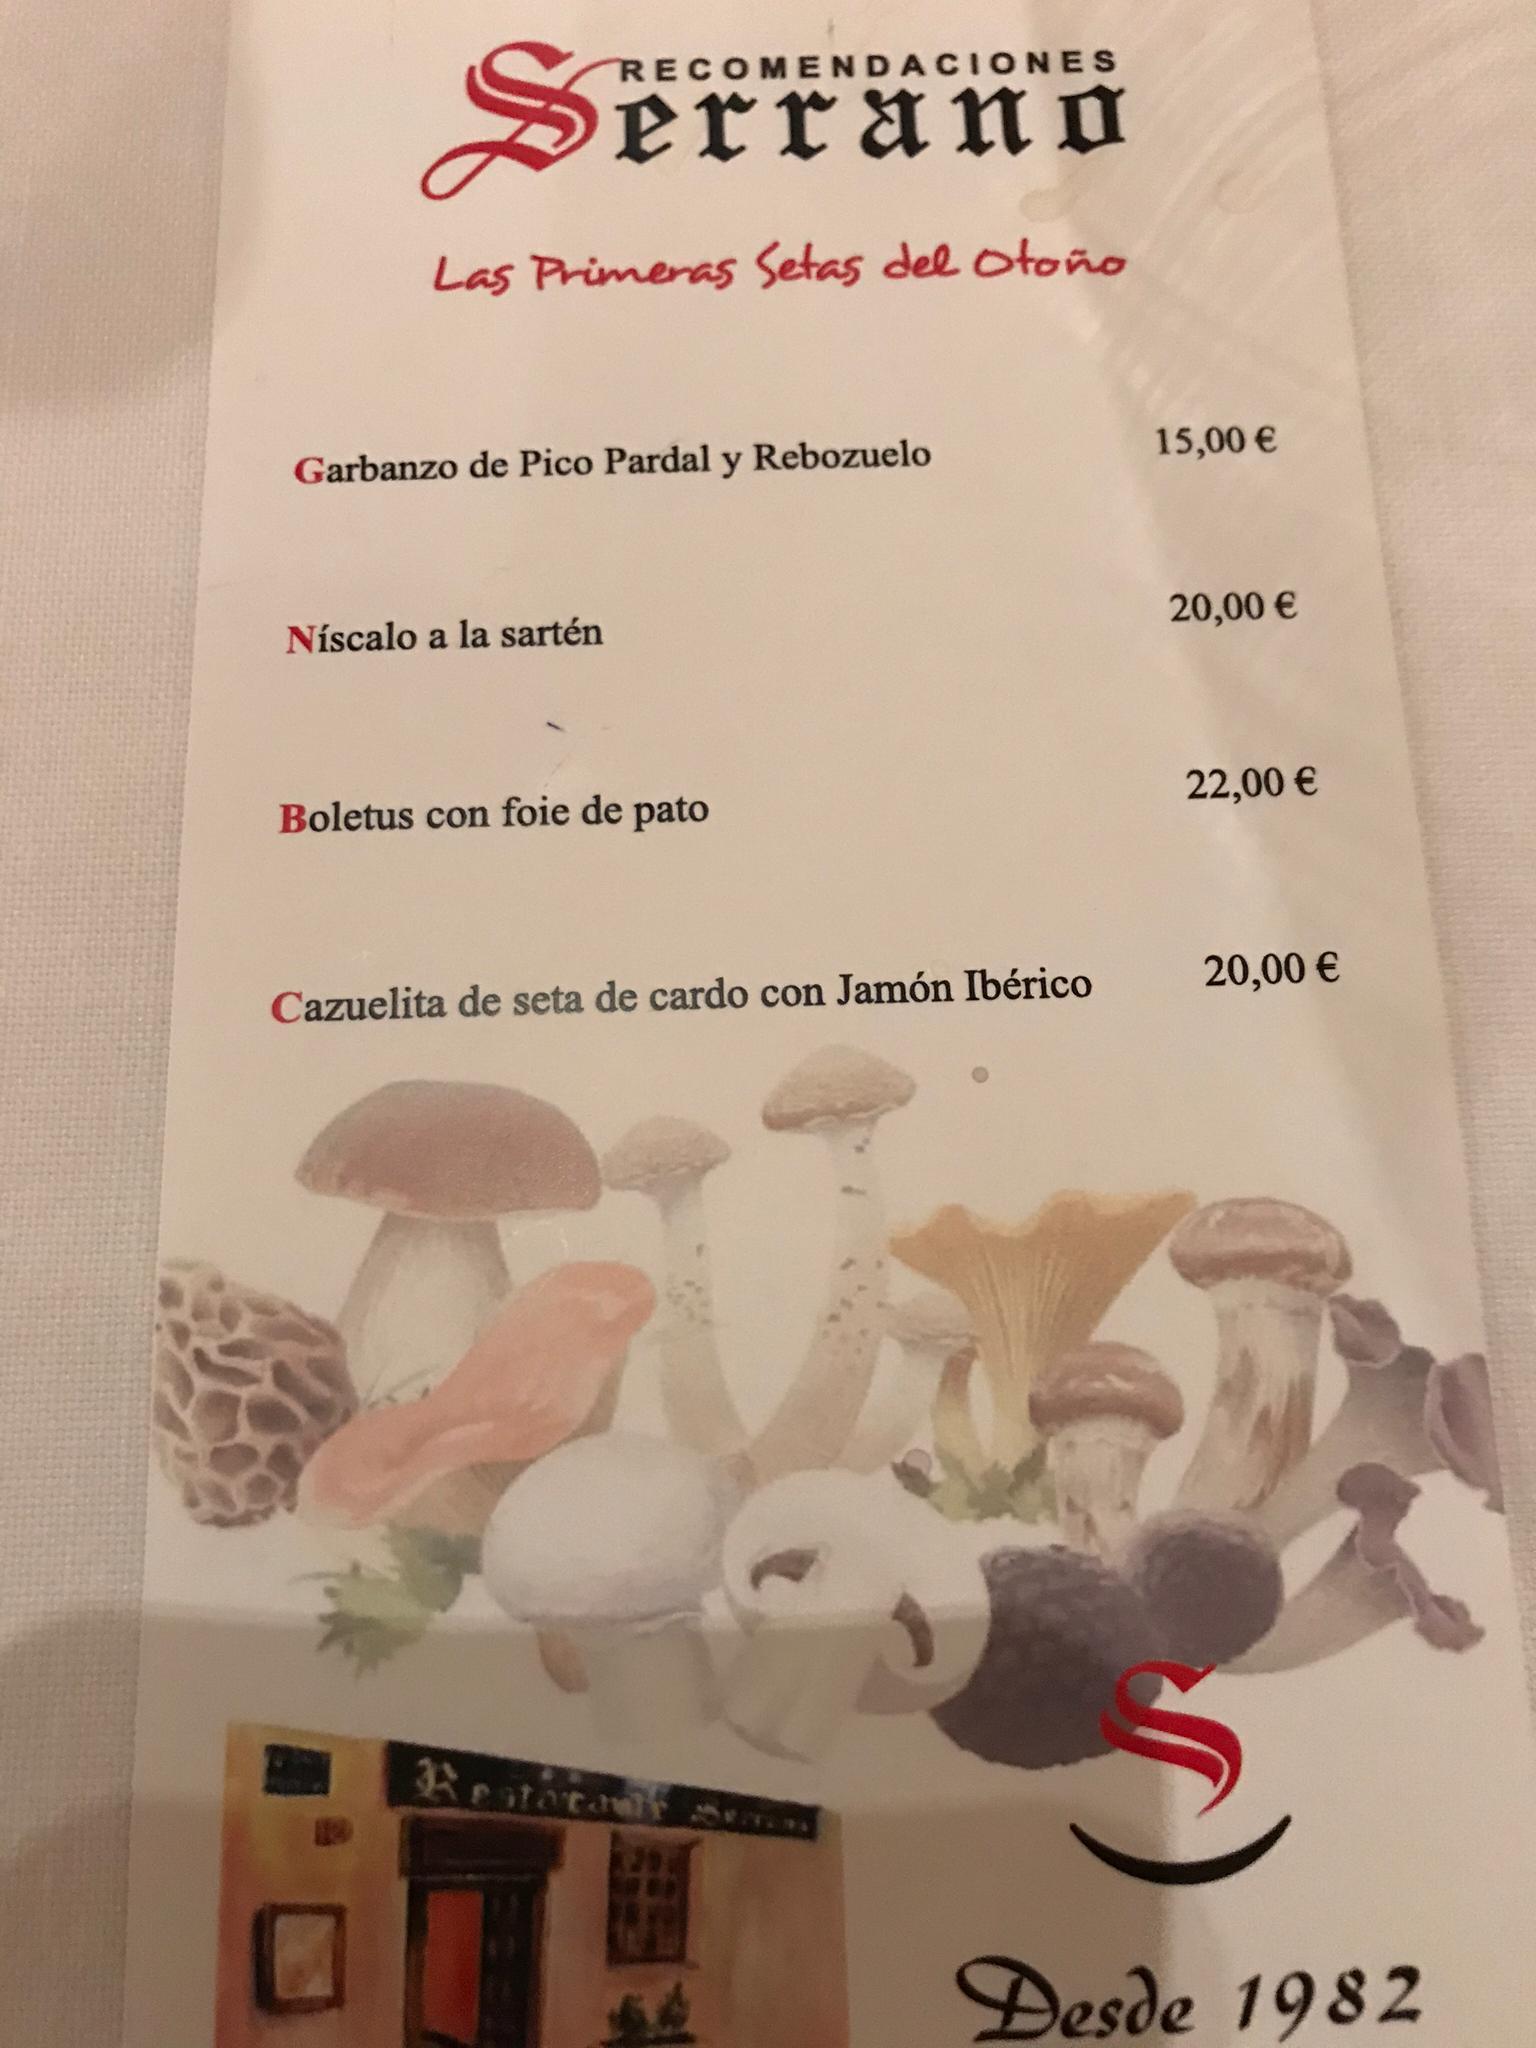 Reseñas gastronómicas: Visita al Restaurante Serrano de Astorga 6